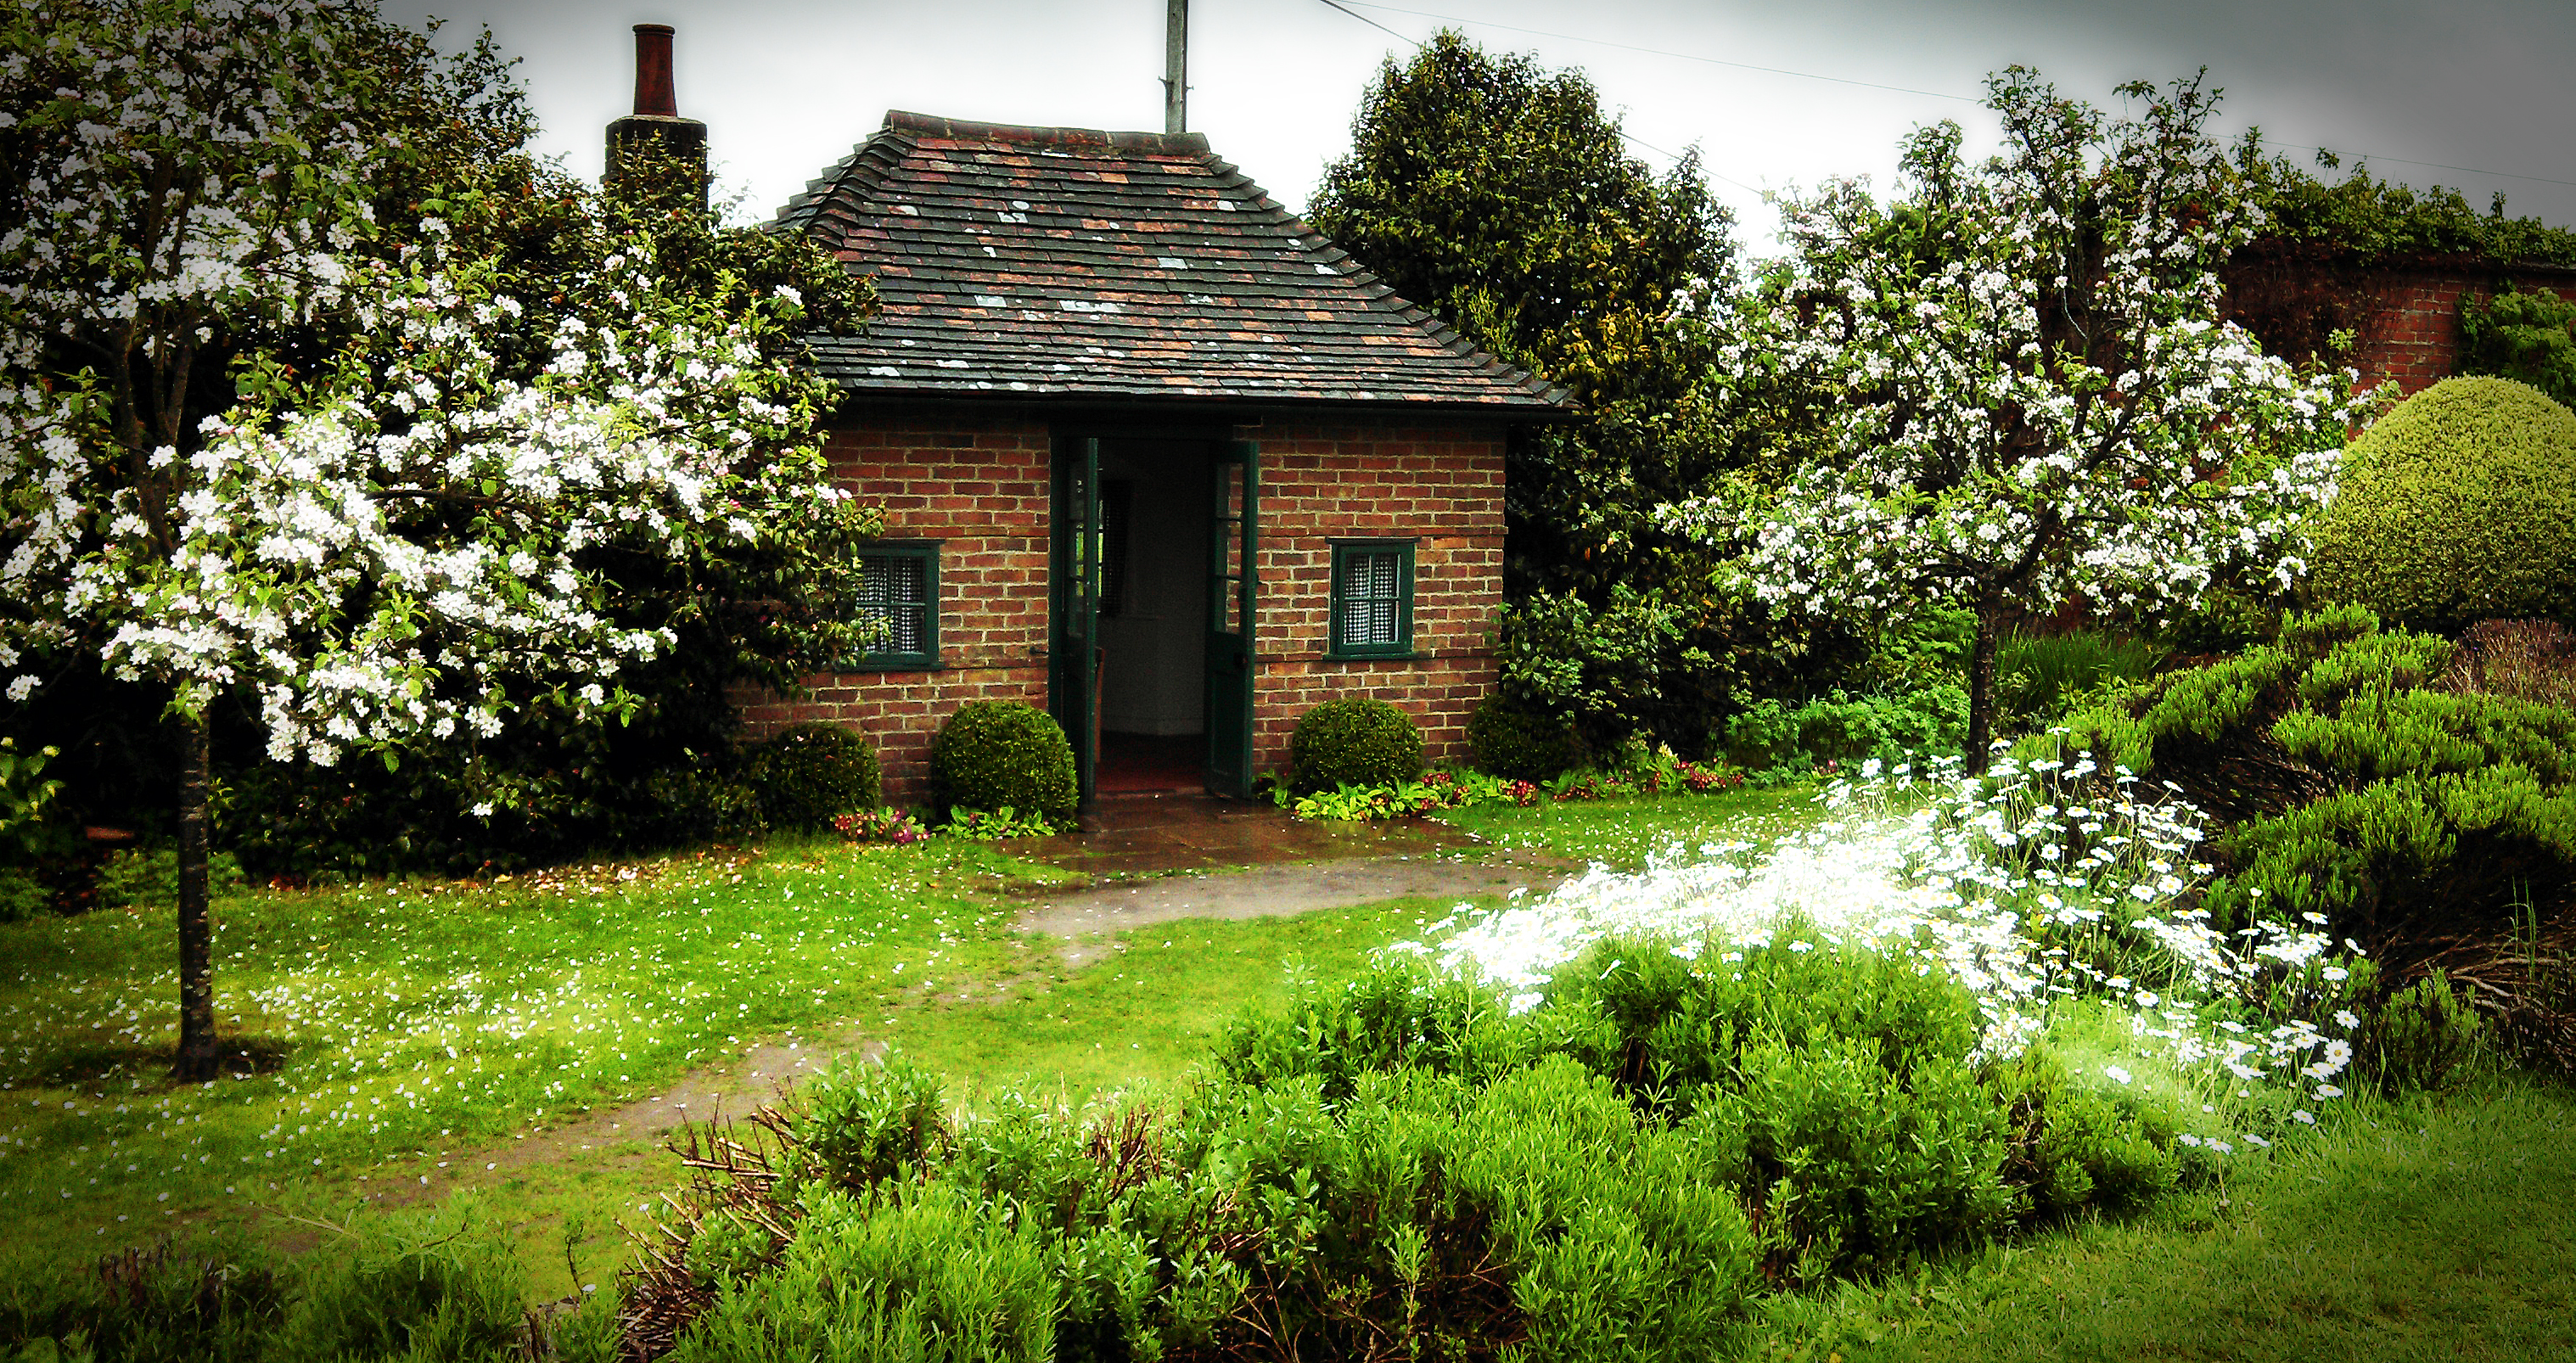 chartwell garden playhouse